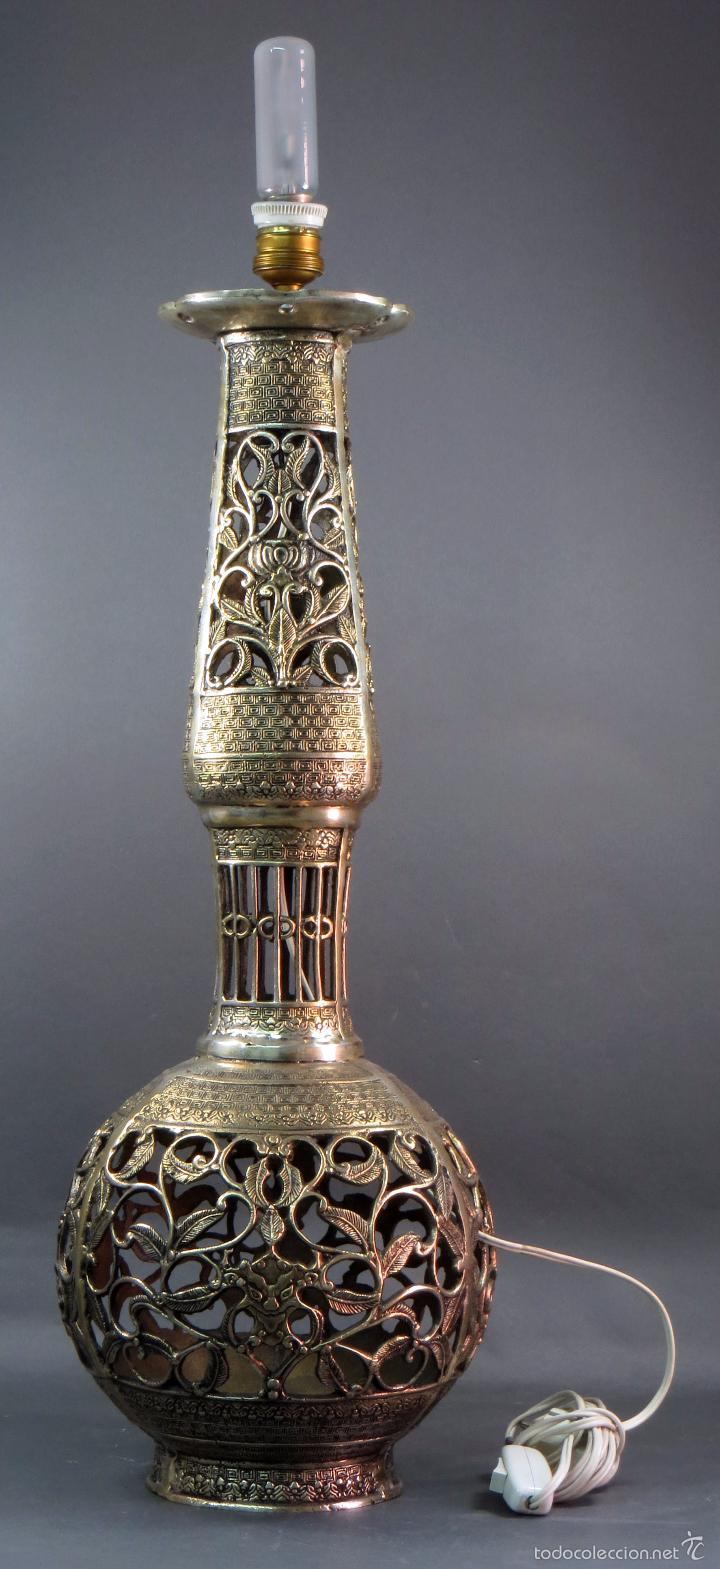 Antigüedades: Pie lámpara sobremesa bronce plateado estilo oriental S XX Funciona - Foto 2 - 58682684